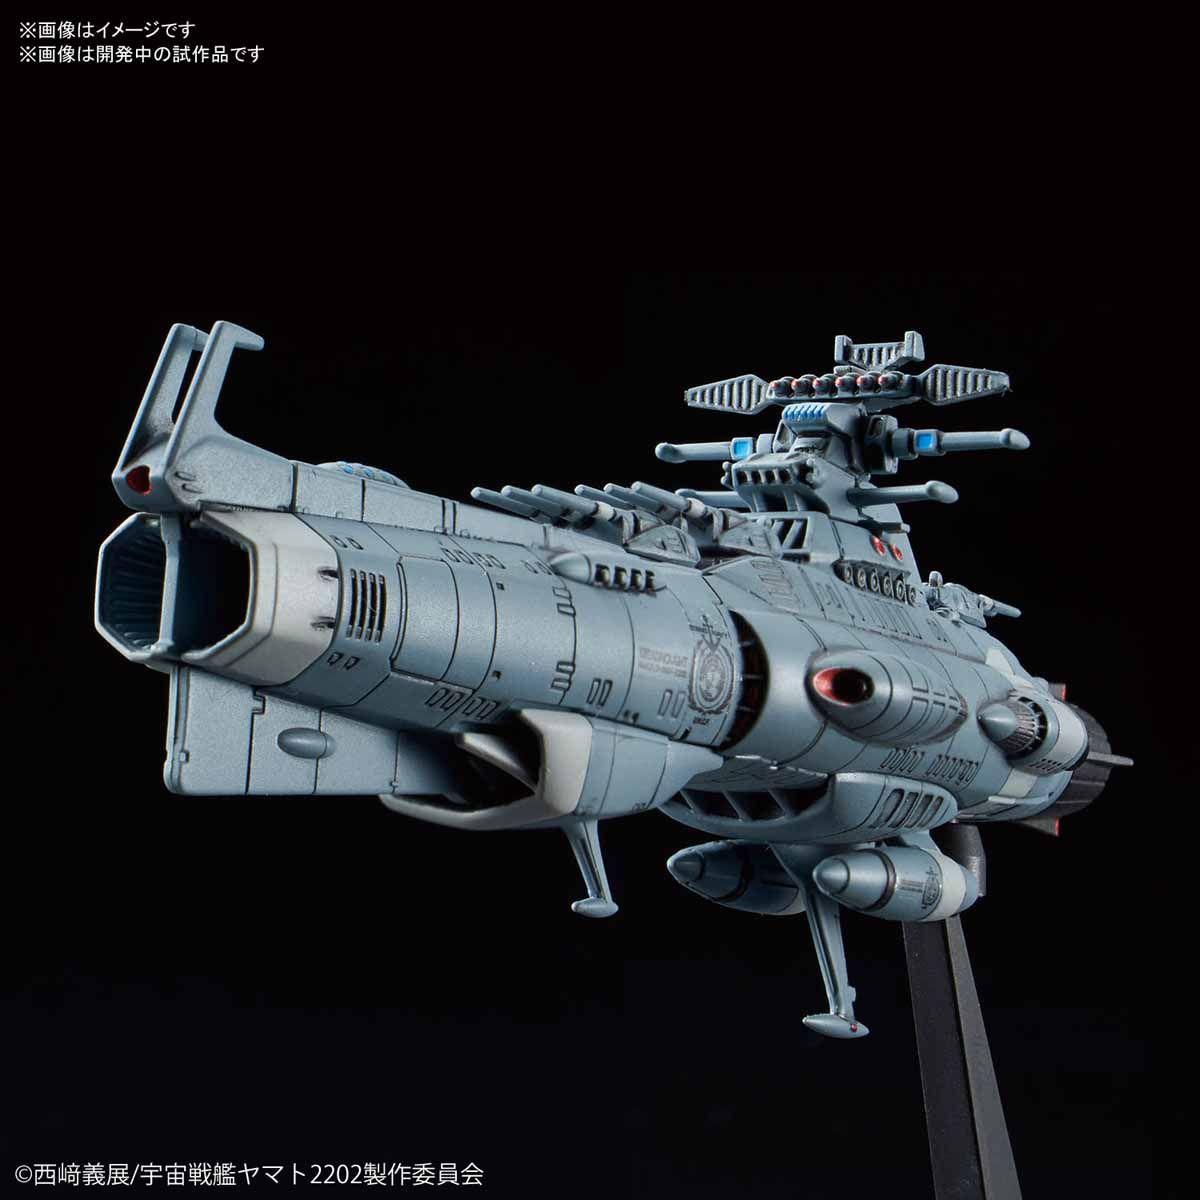 メカコレクション 地球連邦主力戦艦ドレッドノート級ドレッドノート ...